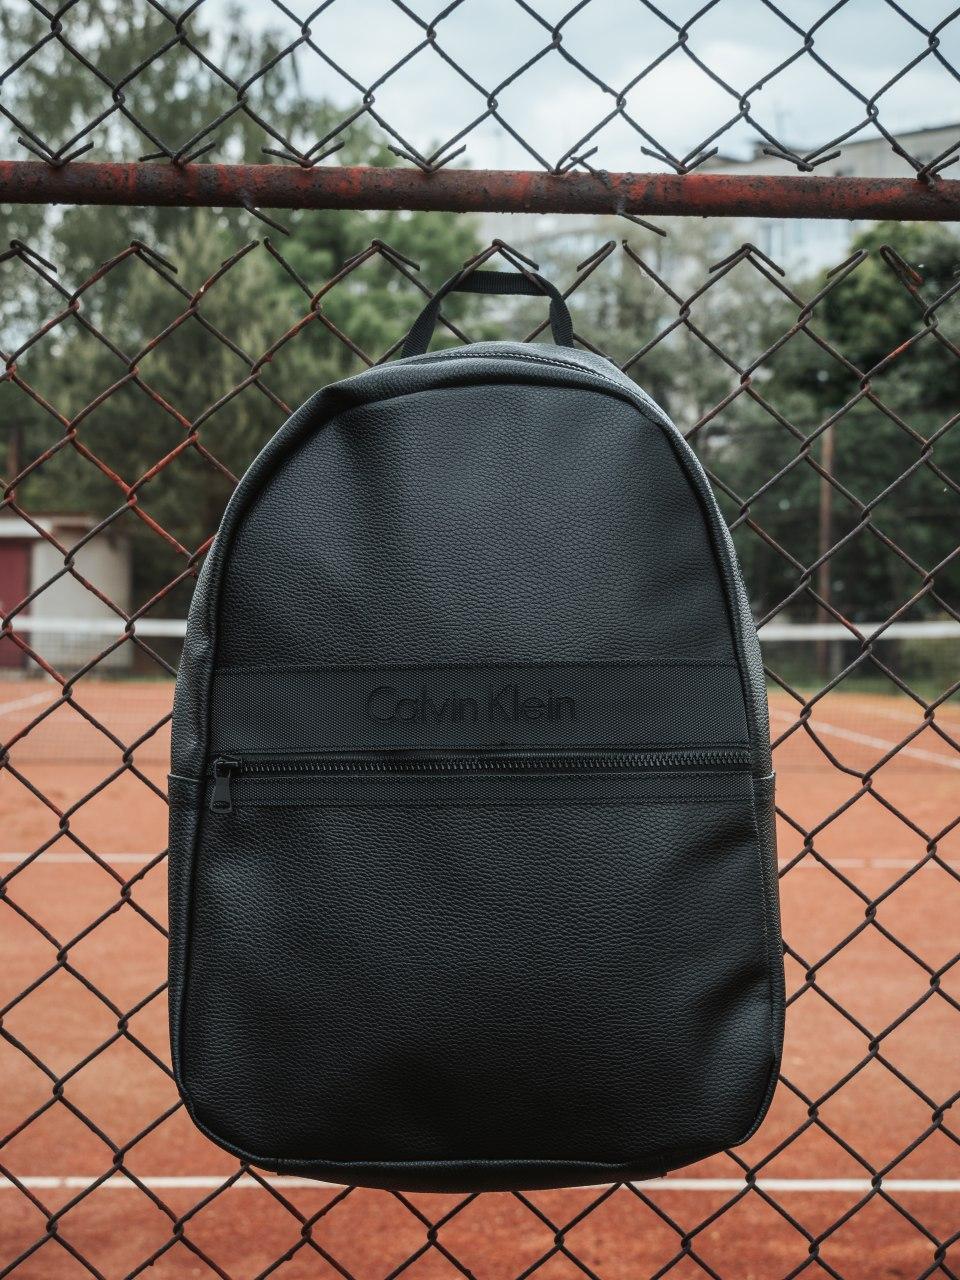 Стильный городской повседневный рюкзак Tommy Hilfiger l Calvin Klein. Премиум качество, реплика!